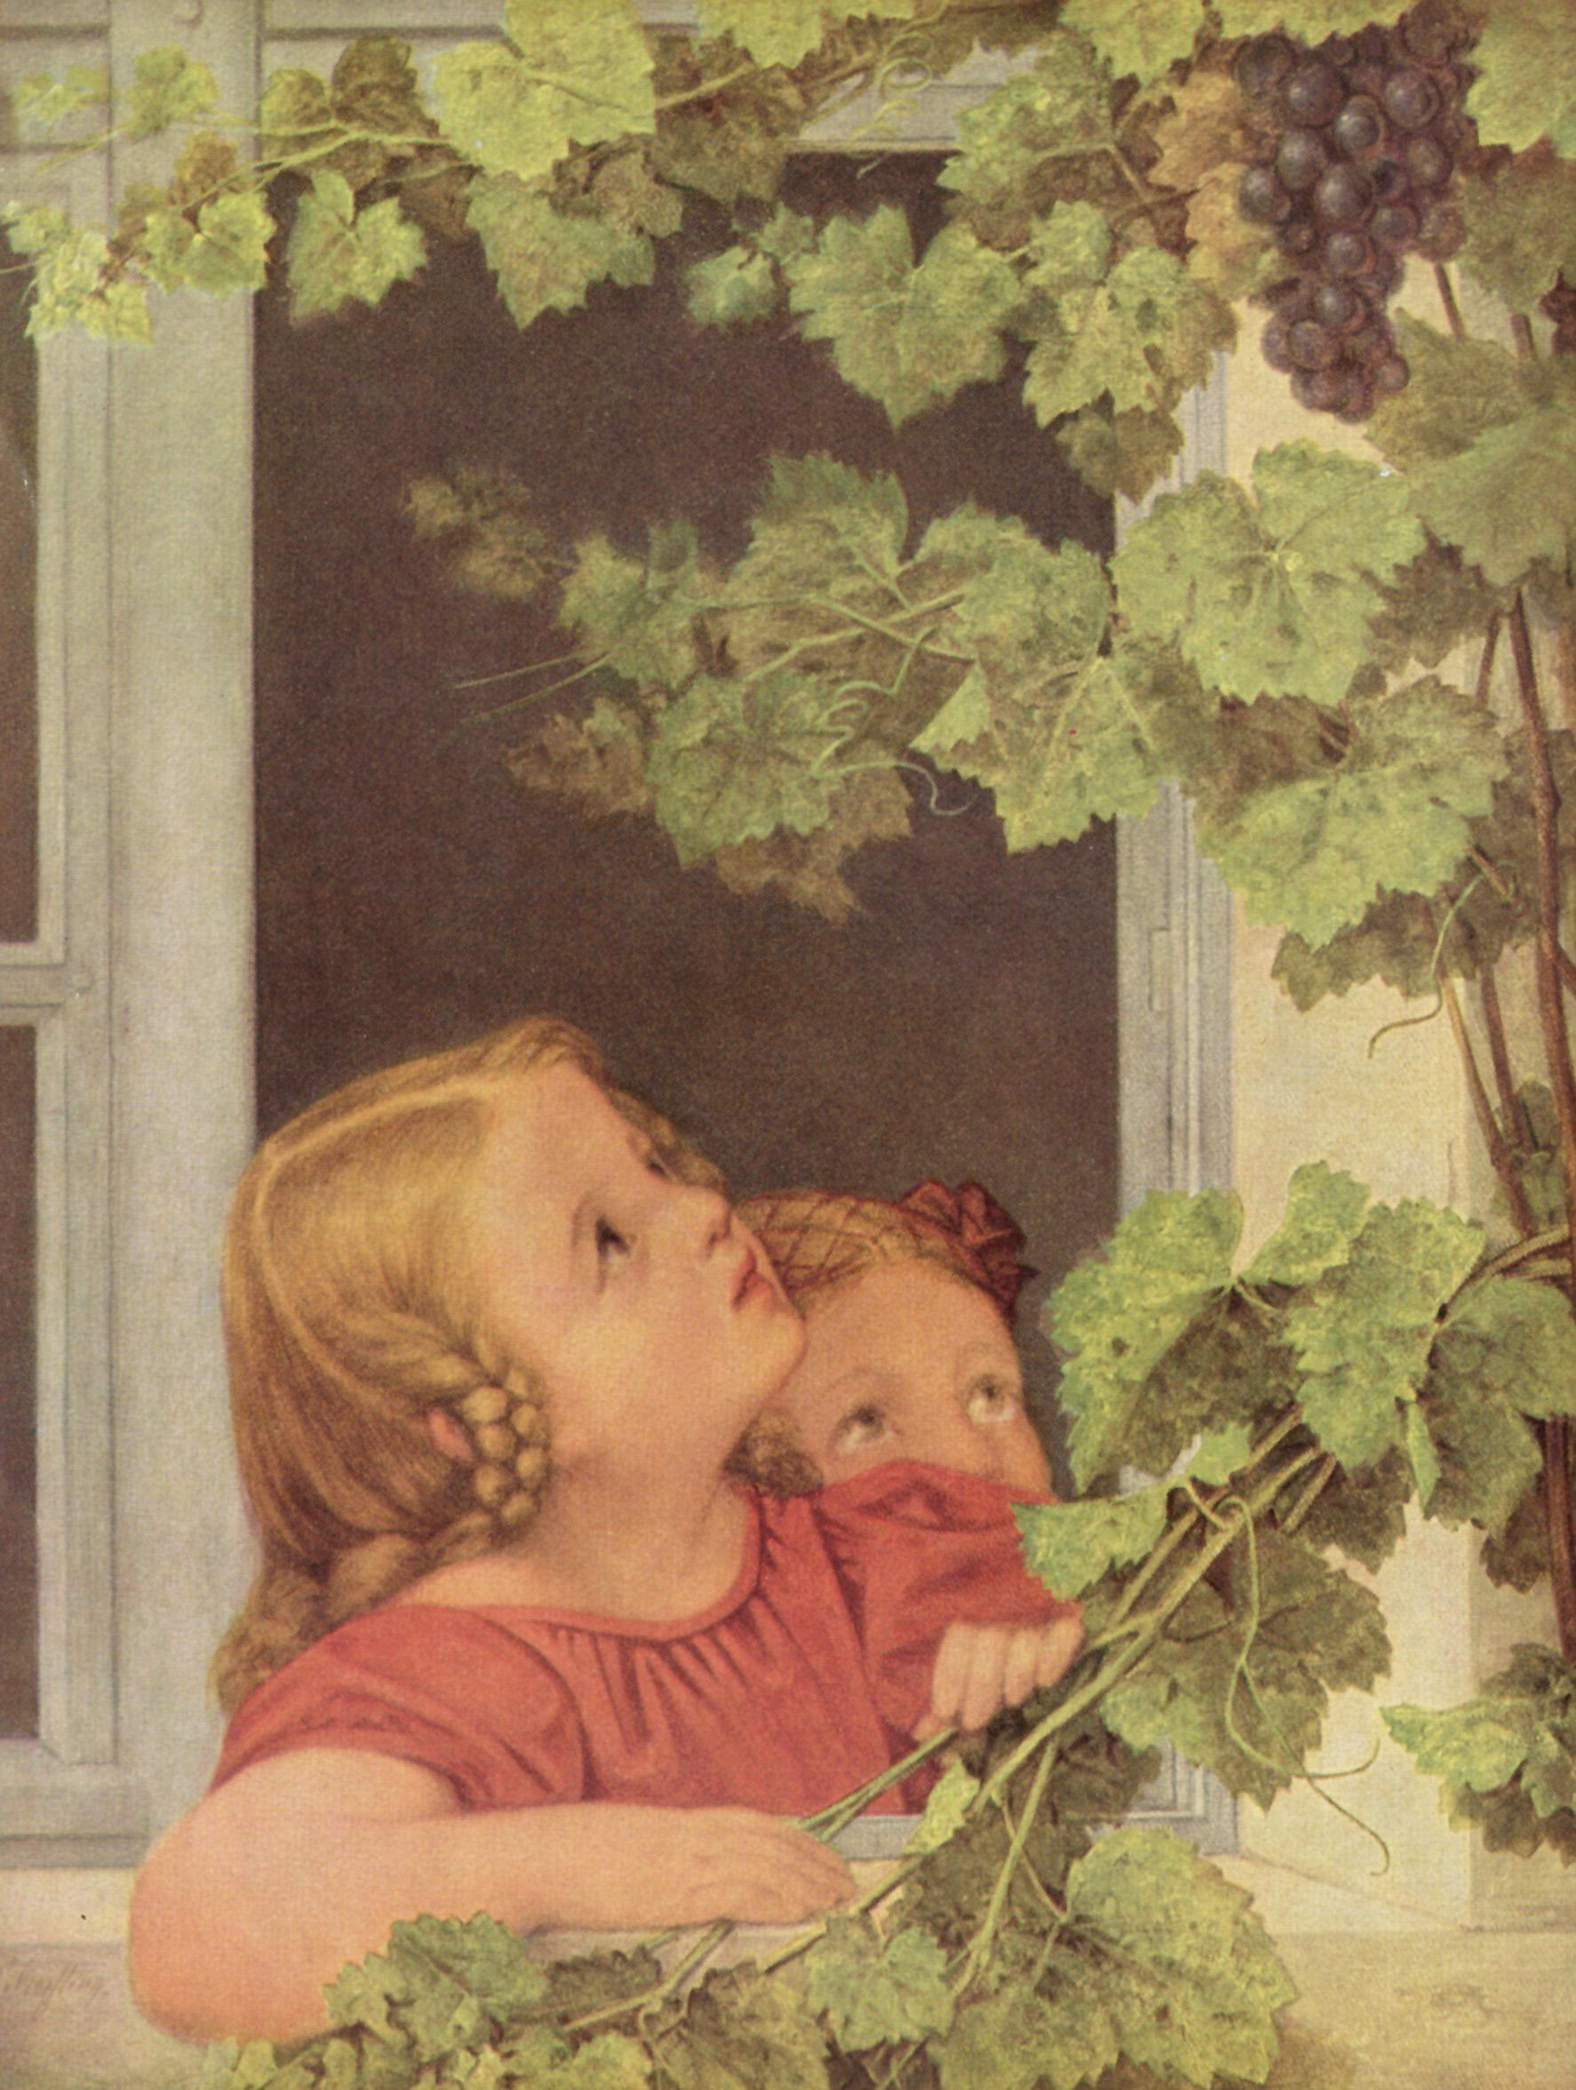 Дети у окна, Георг Фридрих Керстинг